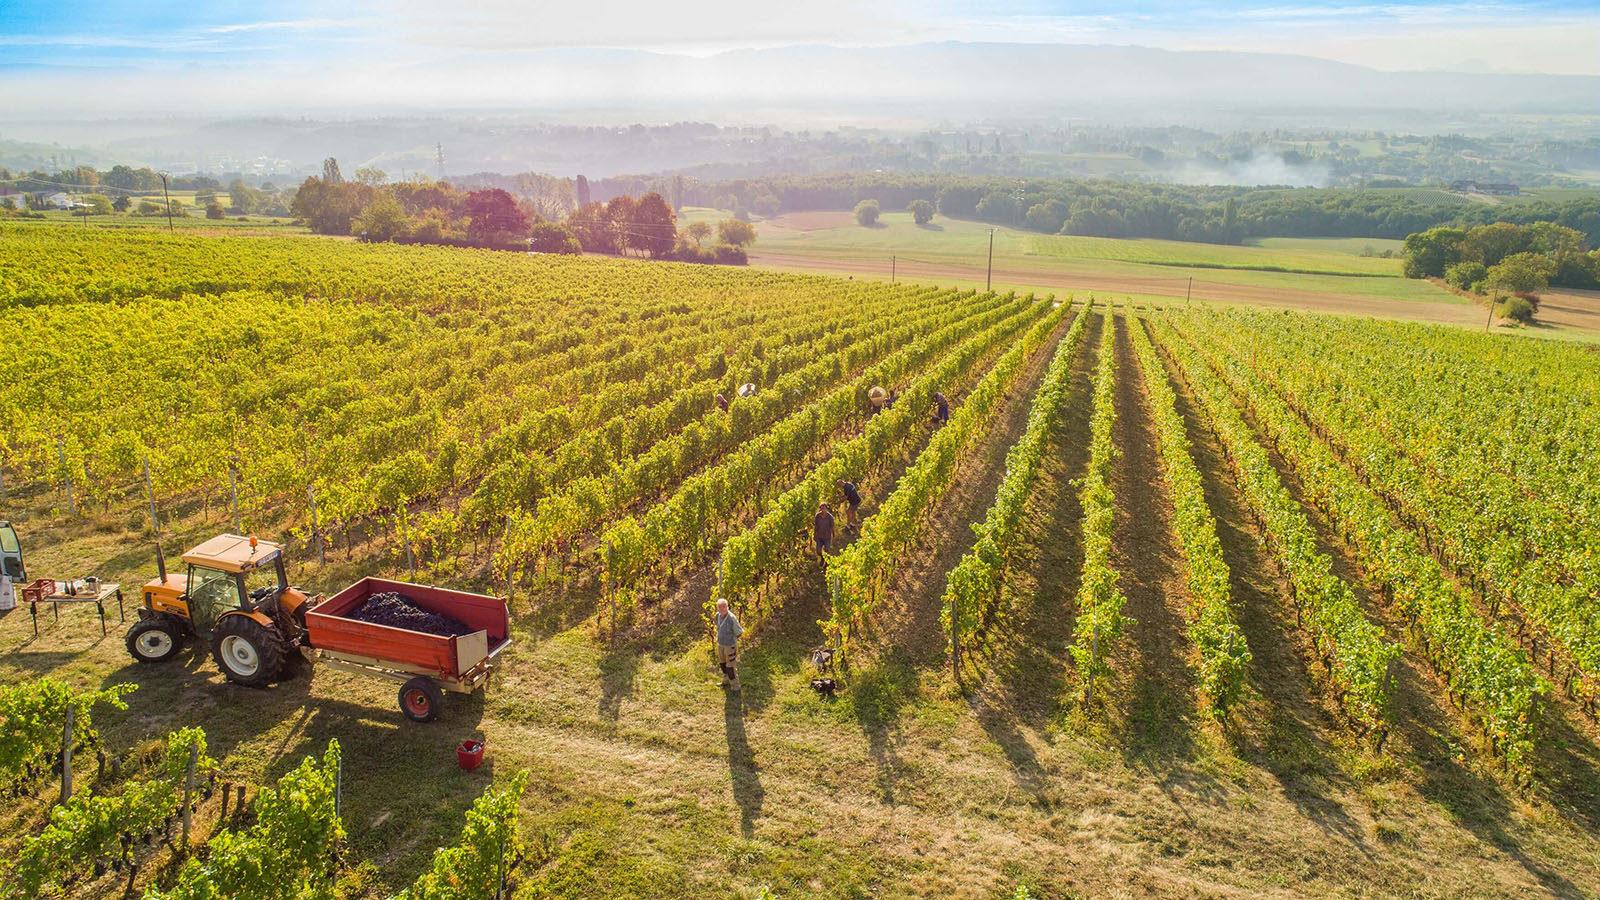 Le domaine de Mucelle à Challex, dernier village viticole du Pays de Gex